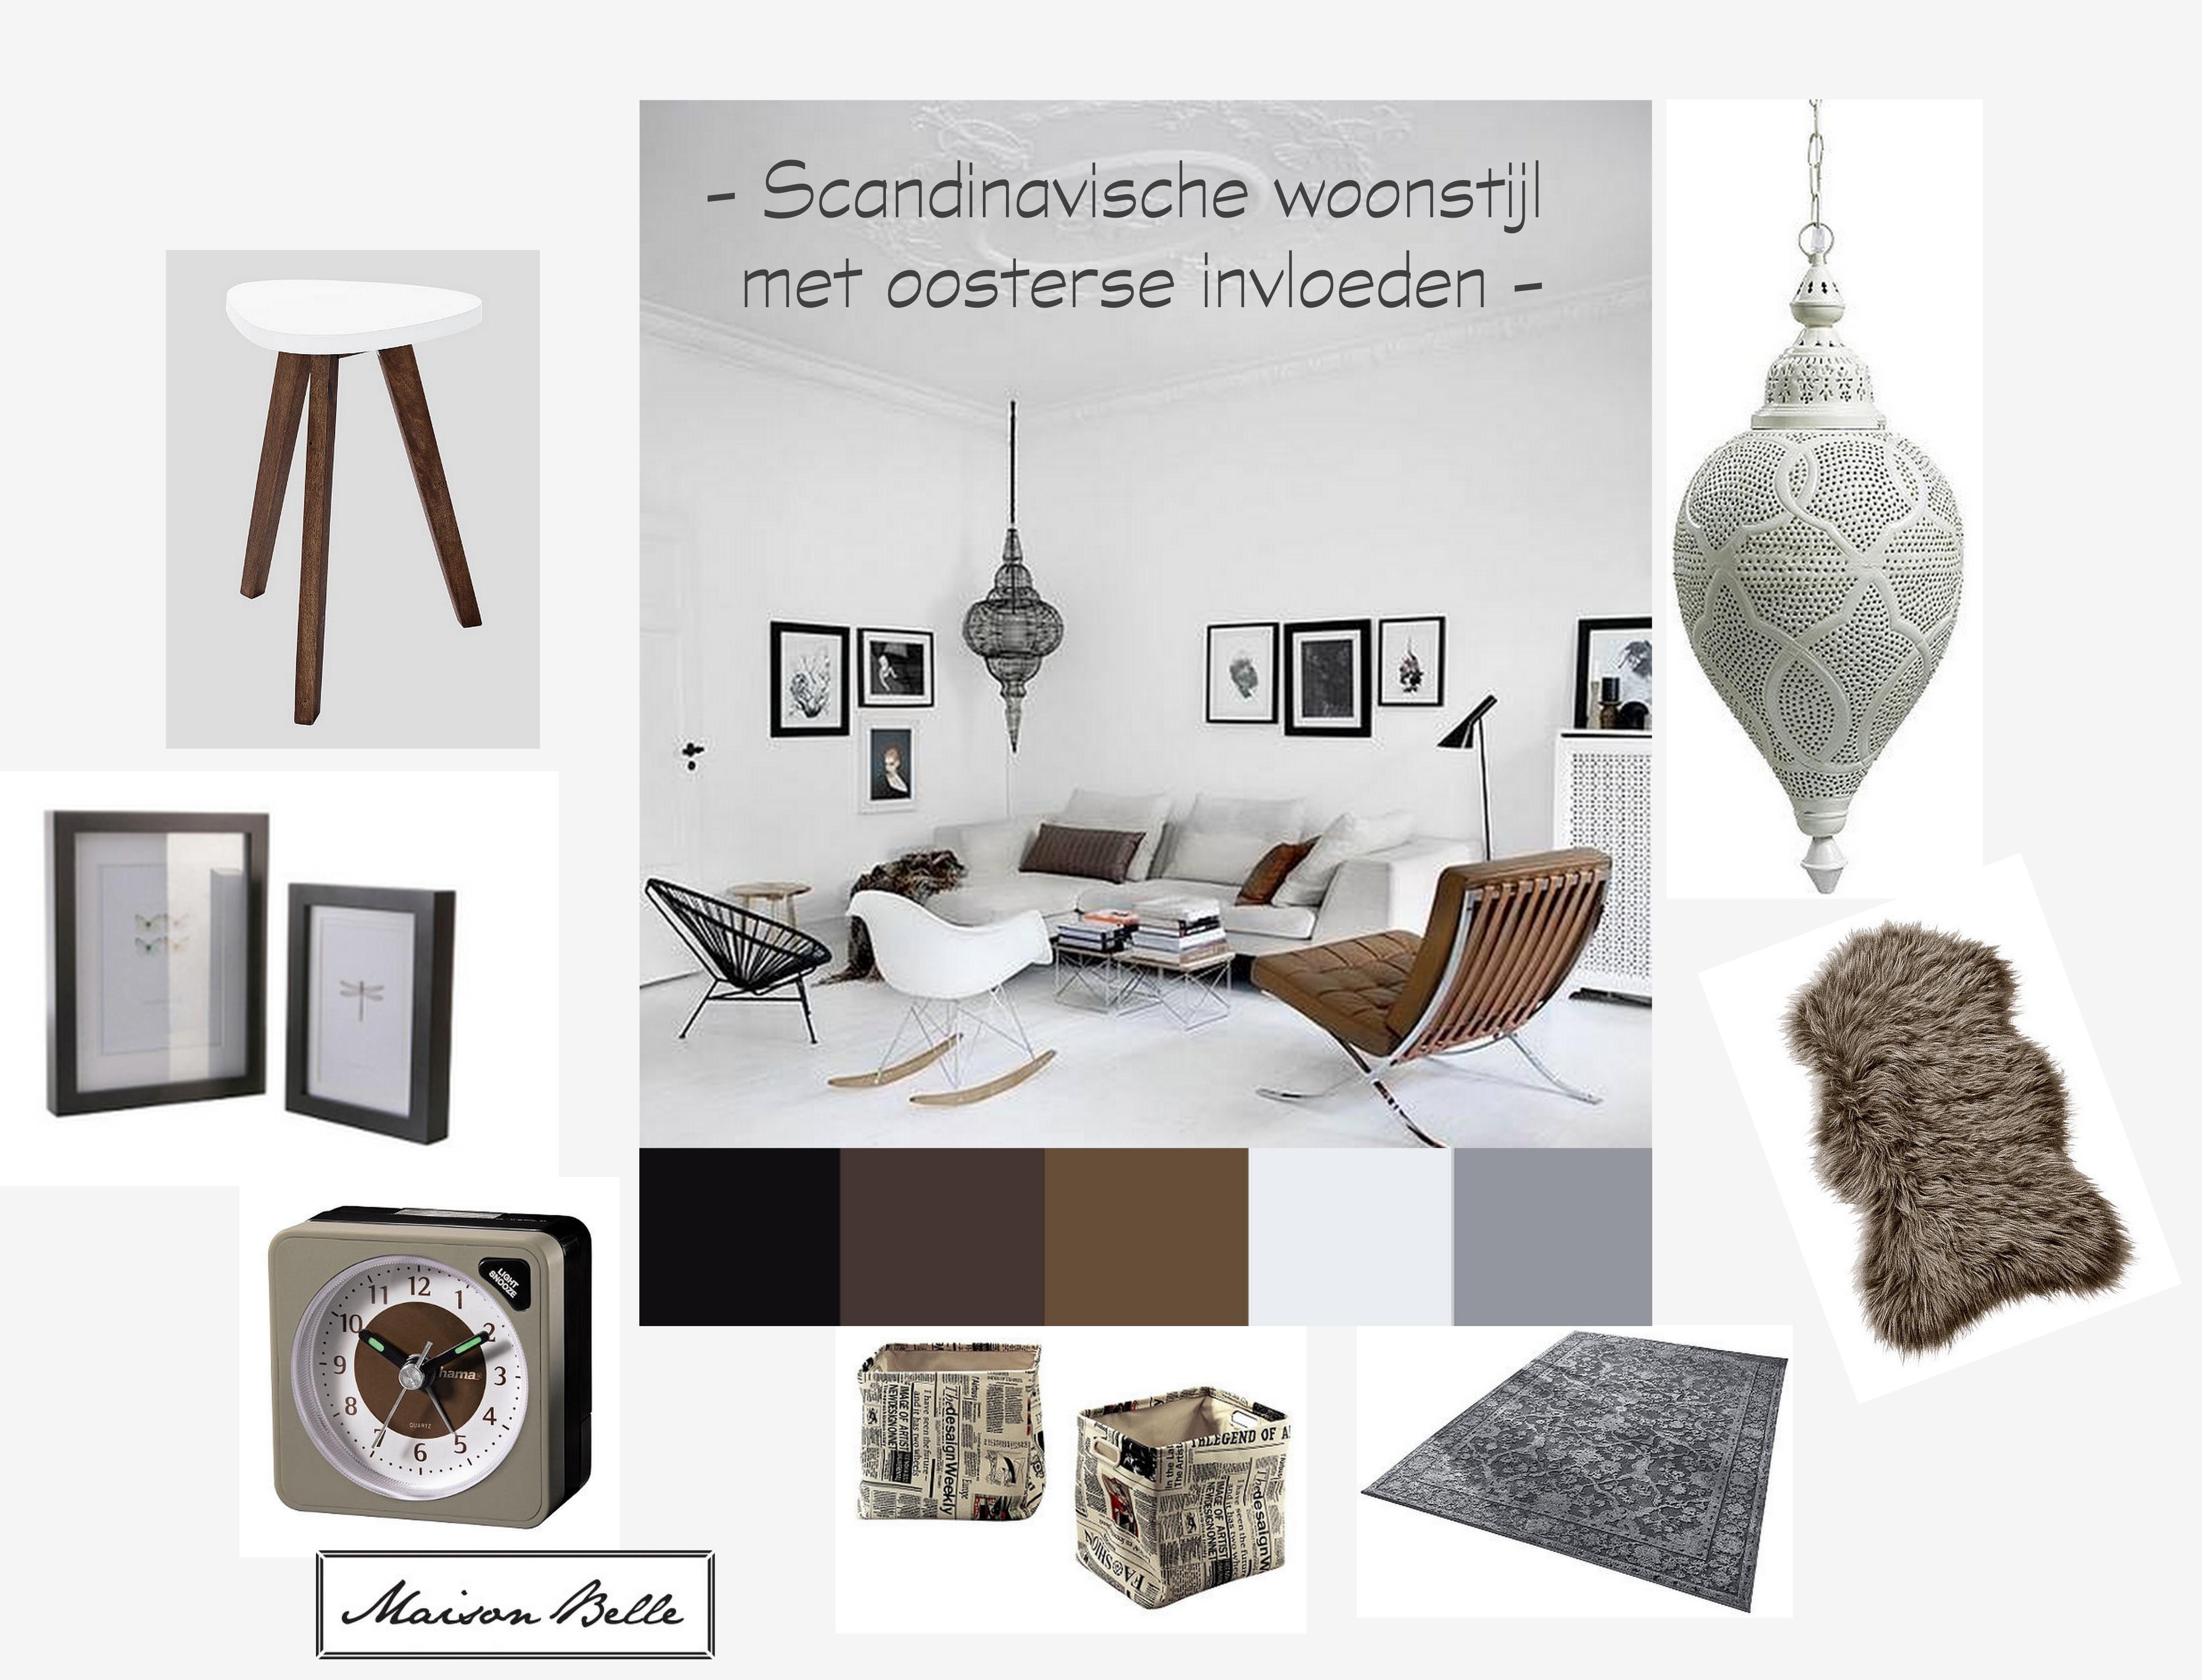 Scandinavische woonstijl met oosterse invloeden - Maison Belle